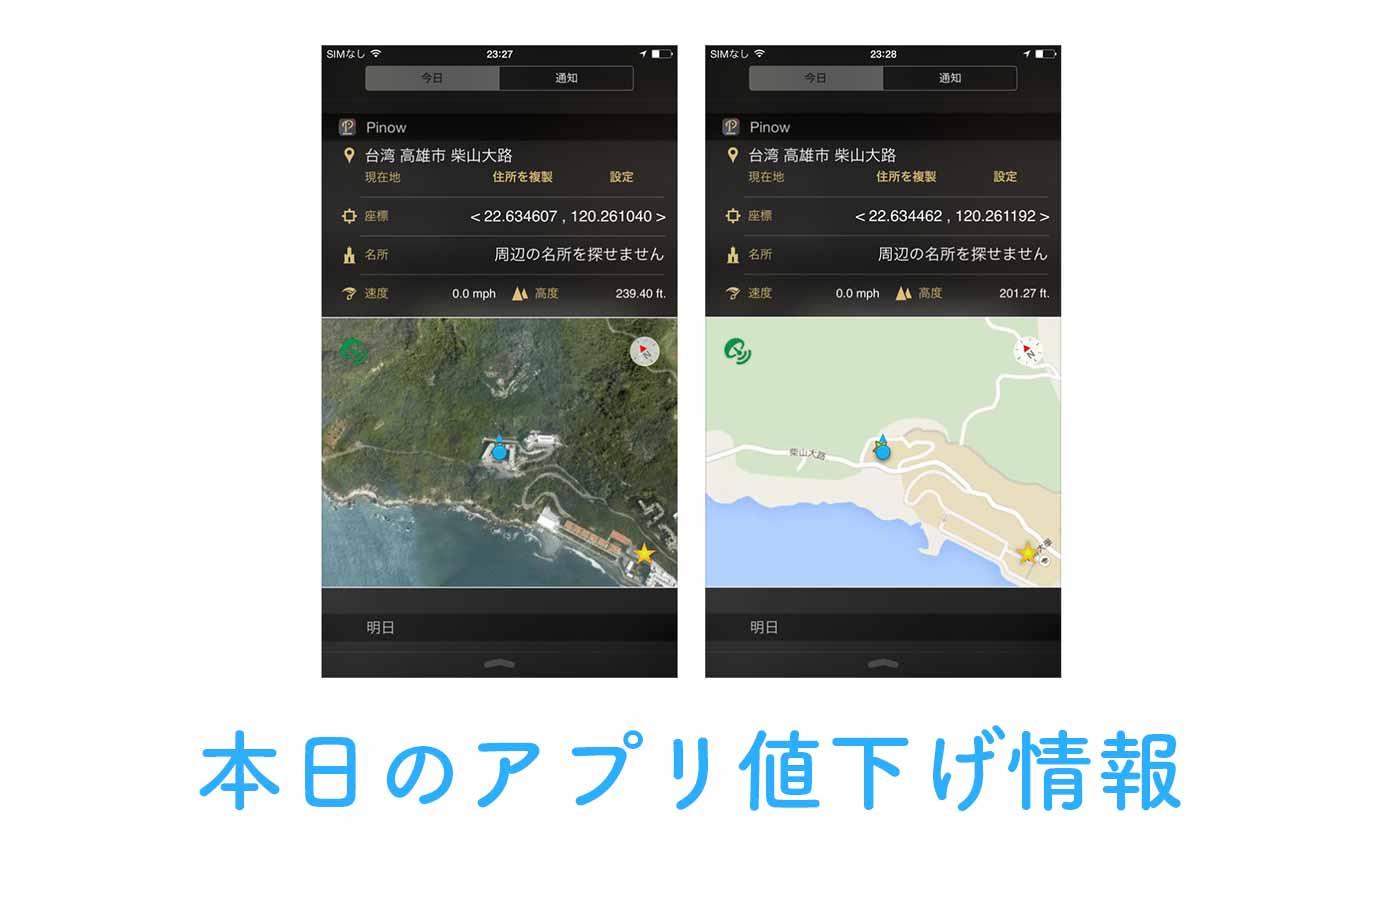 120円→無料!現在地の地図や住所を通位センターに表示できる「Pinow」など【9/12】アプリ値下げ情報